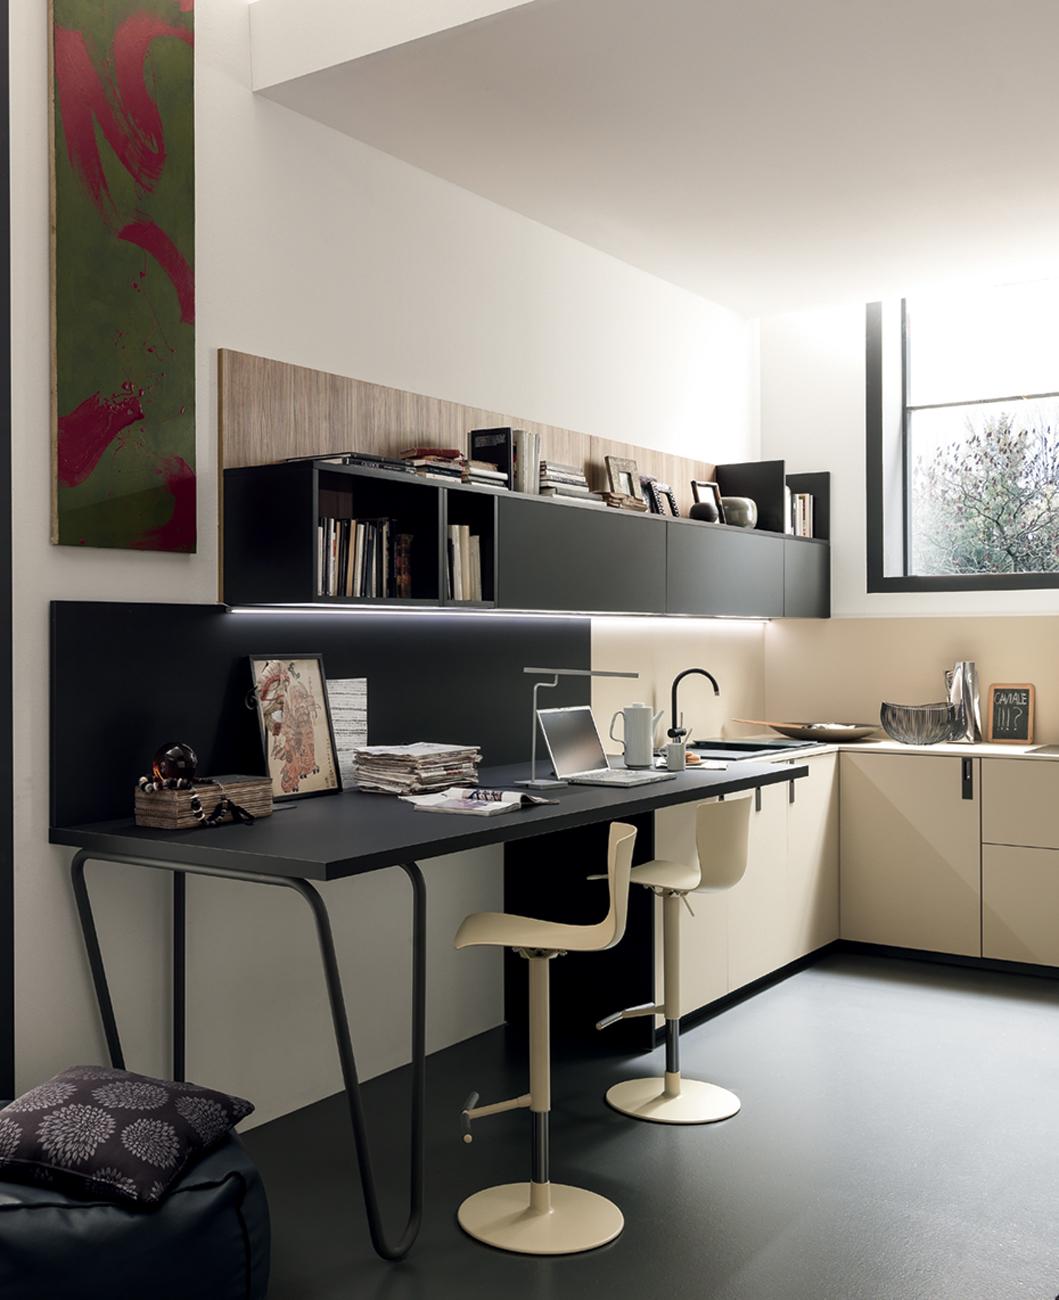 3 scrivanie per l 39 ufficio in casa living corriere for Scrivanie per studio in casa